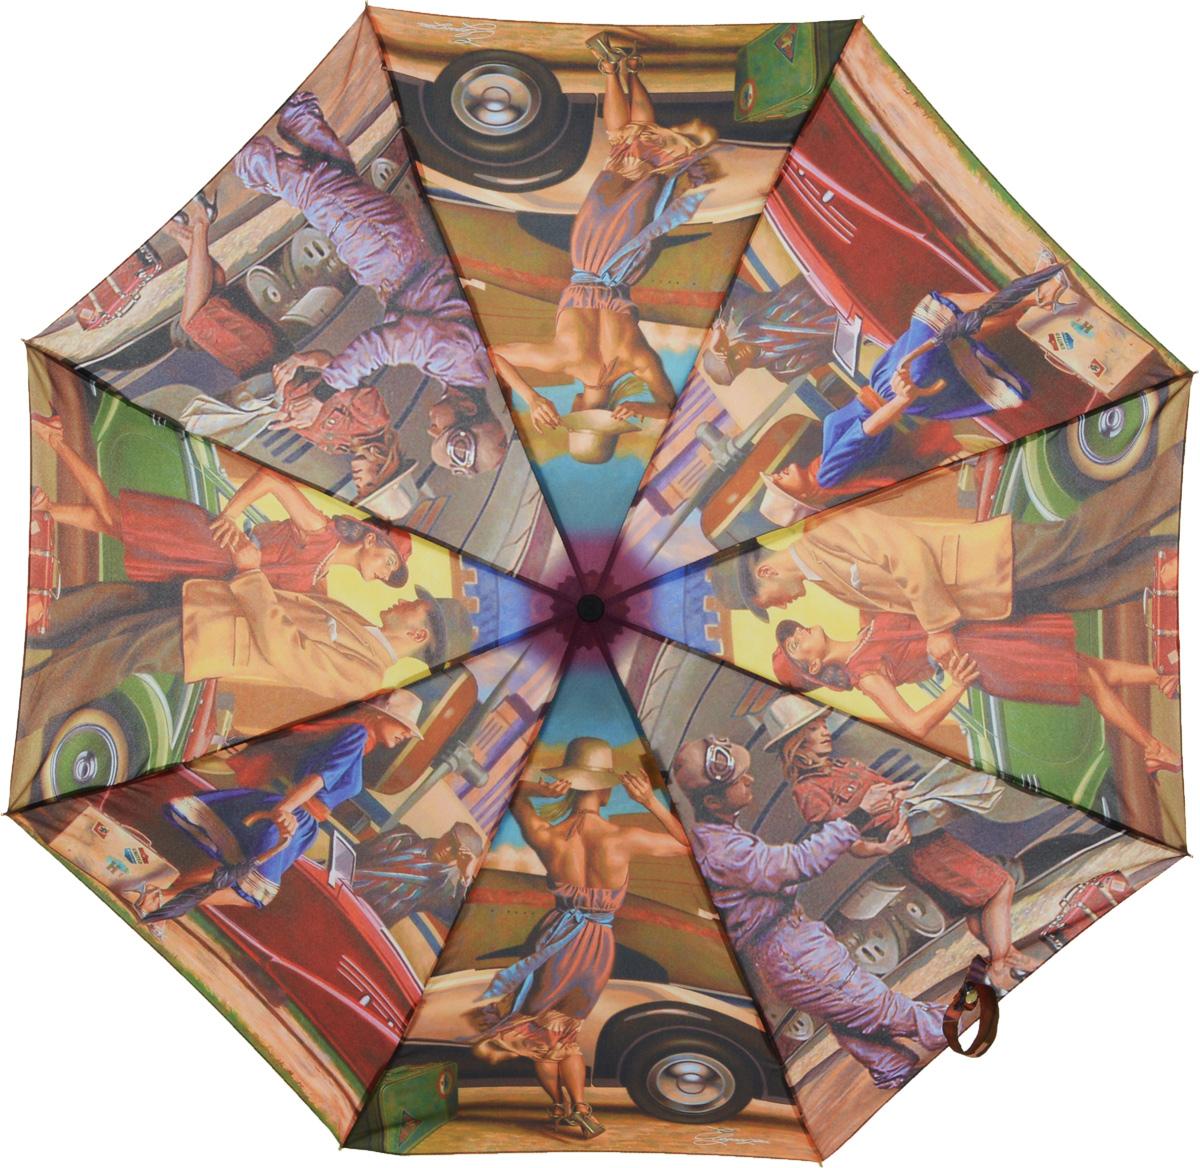 Зонт женский Eleganzza, автомат, 3 сложения, цвет: лиловый. A3-05-0247A3-05-0247Женский зонт-автомат торговой марки ELEGANZZA. Купол: 100% полиэстер, эпонж. Материал каркаса: сталь + алюминий + фибергласс. Материал ручки: пластик. Длина изделия - 27 см. Диаметр купола - 98 см.